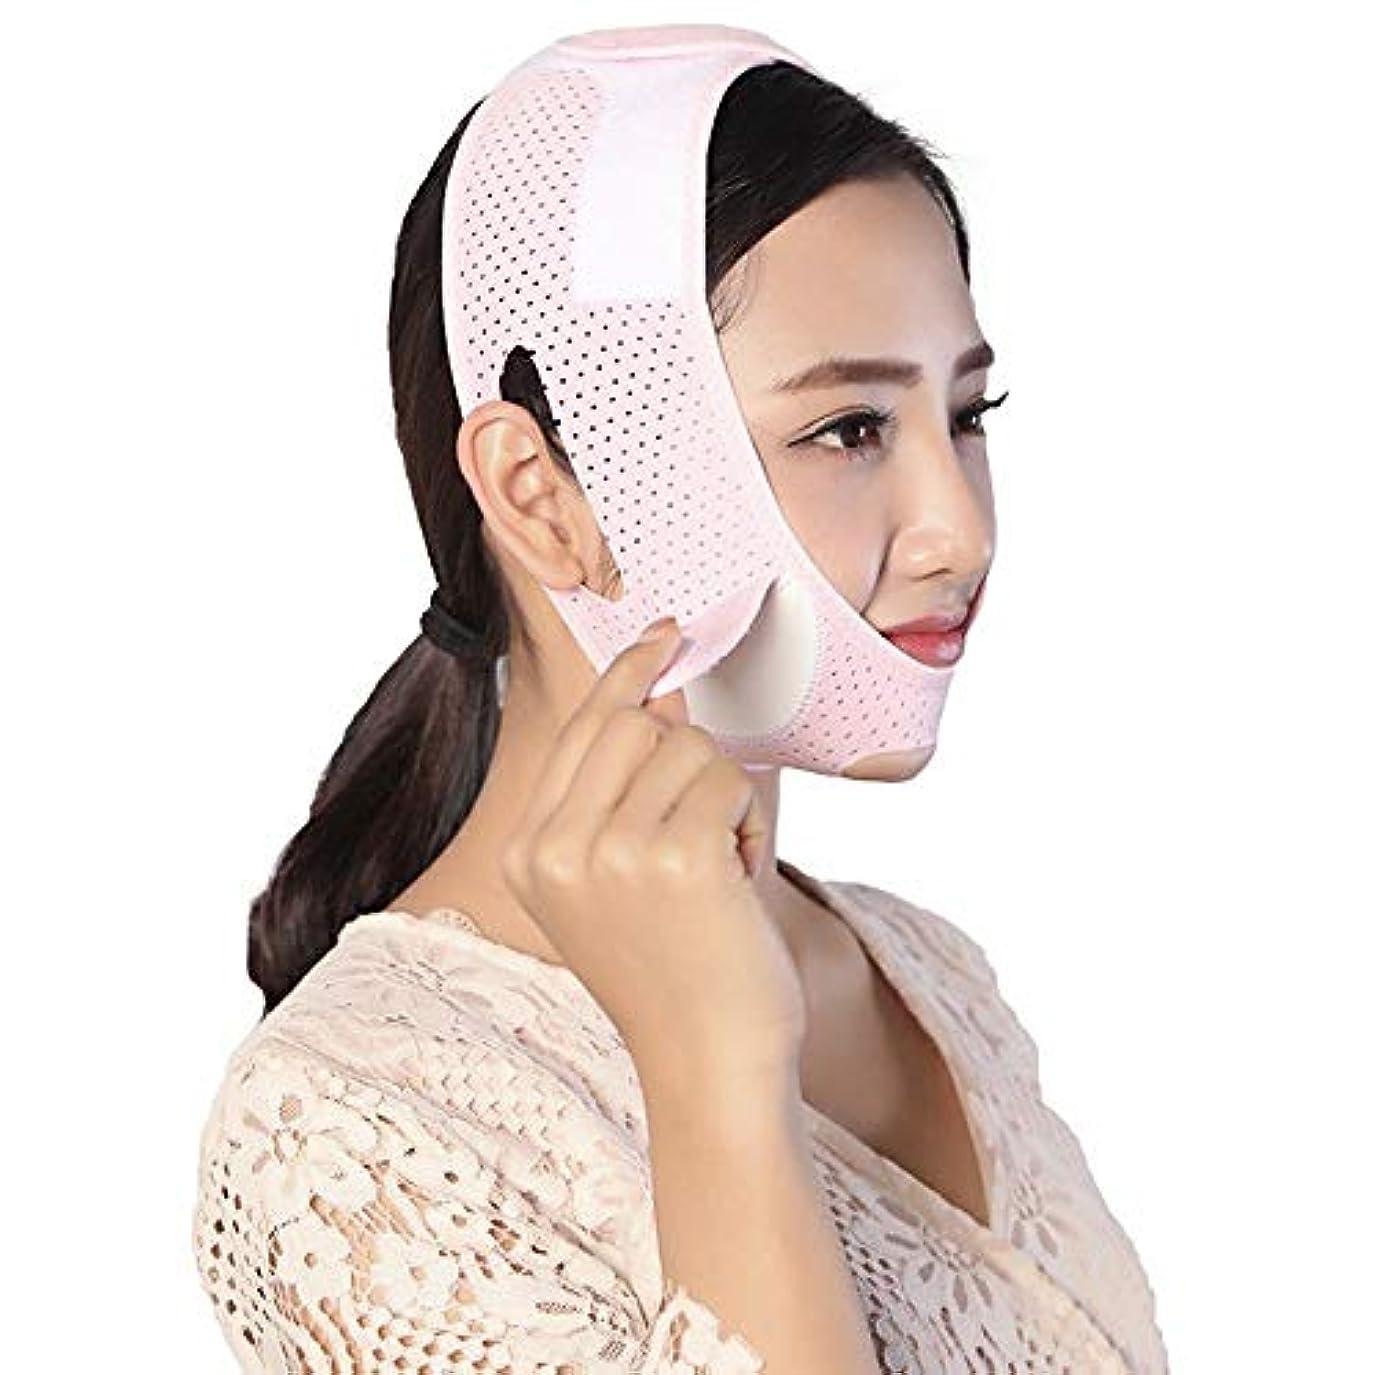 ギャンブルプラスチック黒くするMinmin フェイシャルリフティング痩身ベルト - 圧縮二重あご減量ベルトスキンケア薄い顔包帯 みんみんVラインフェイスマスク